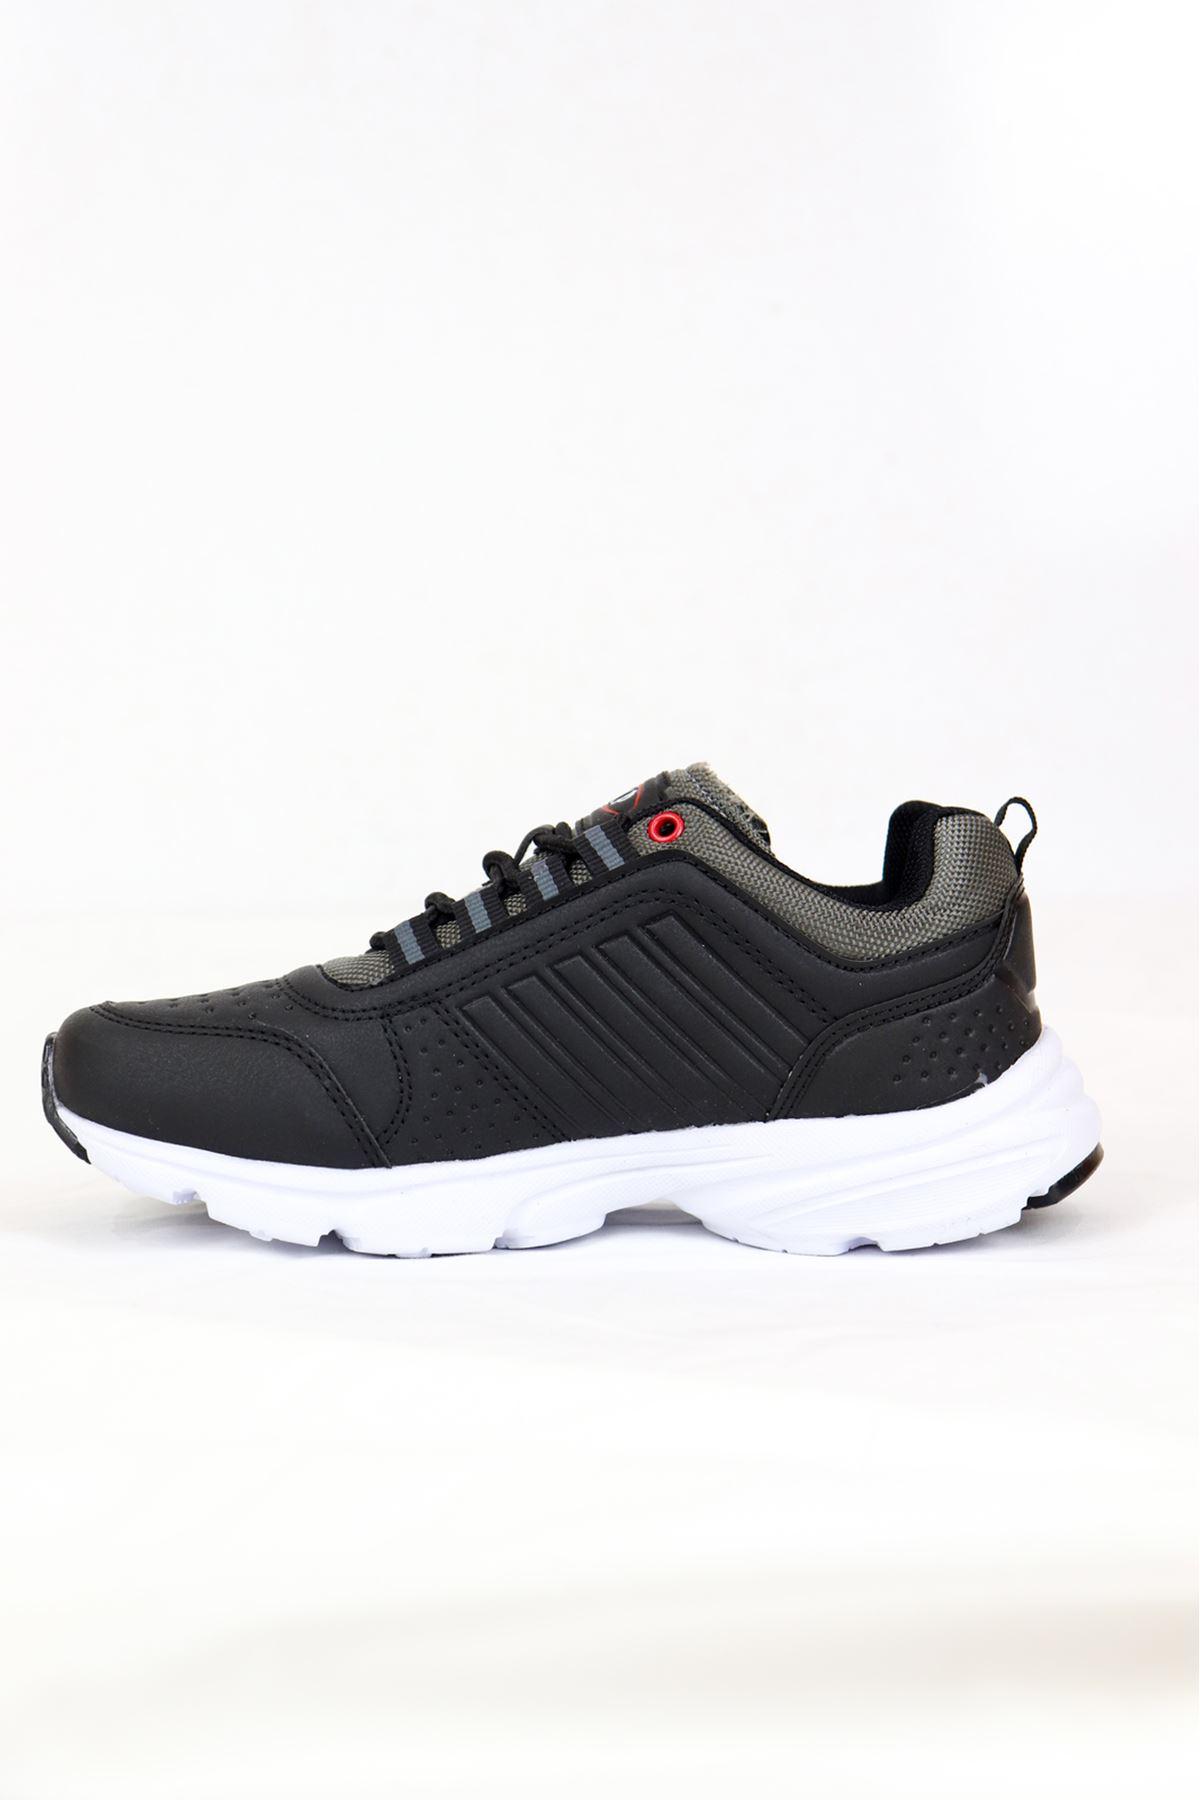 MP - 202 -1414ZN Siyah/Beyaz kadın Spor Ayakkabısı